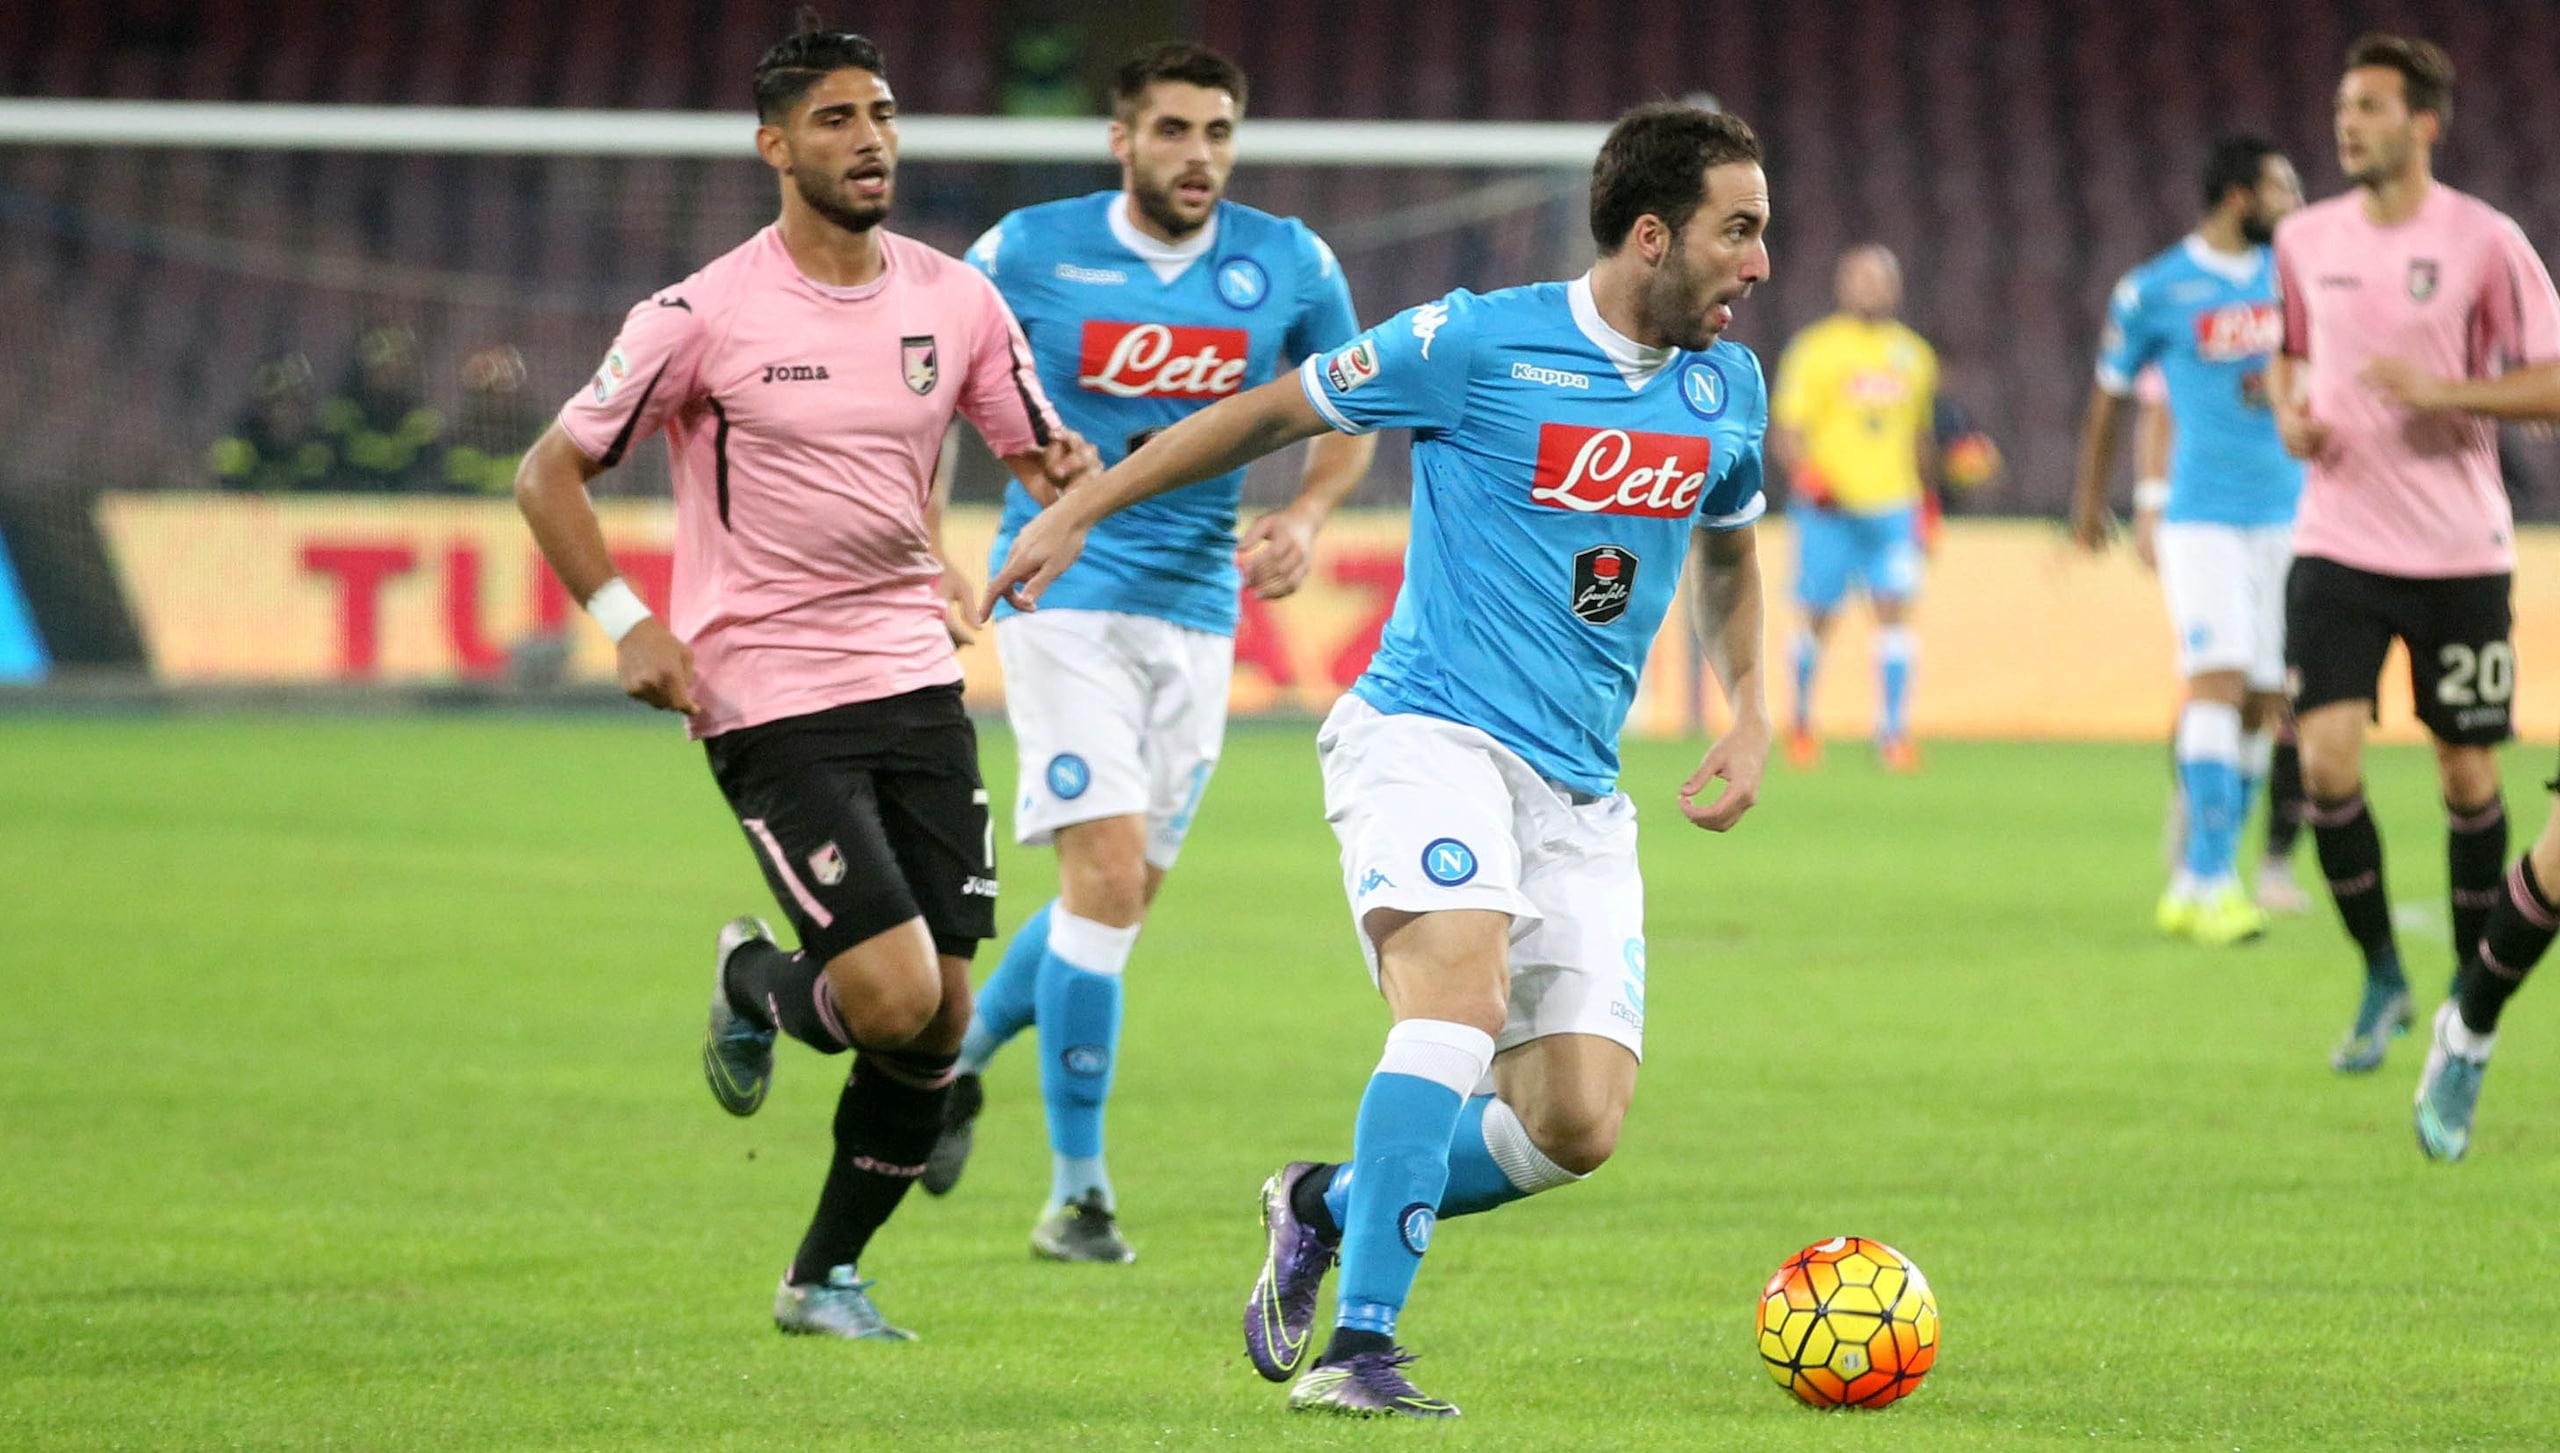 Napoli-Palermo 2-0: trionfo azzurro con Higuain e Mertens